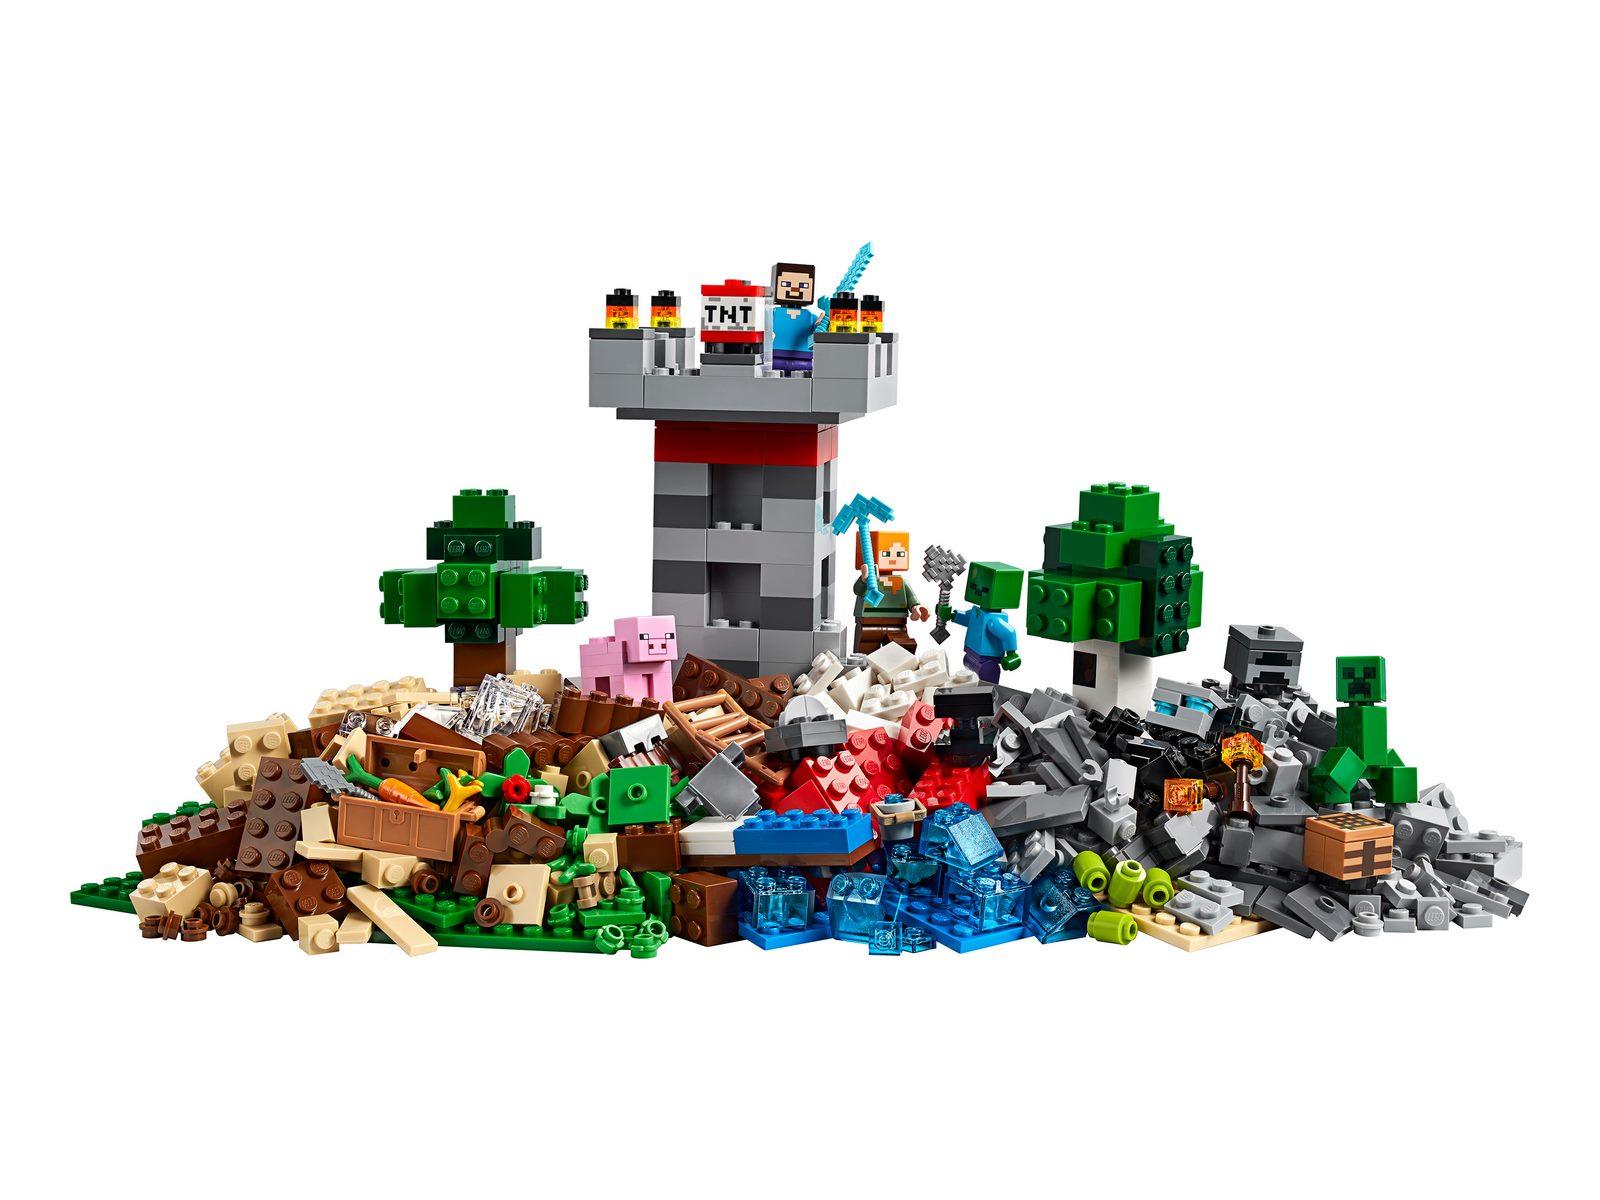 лего майнкрафт купить в москве #8